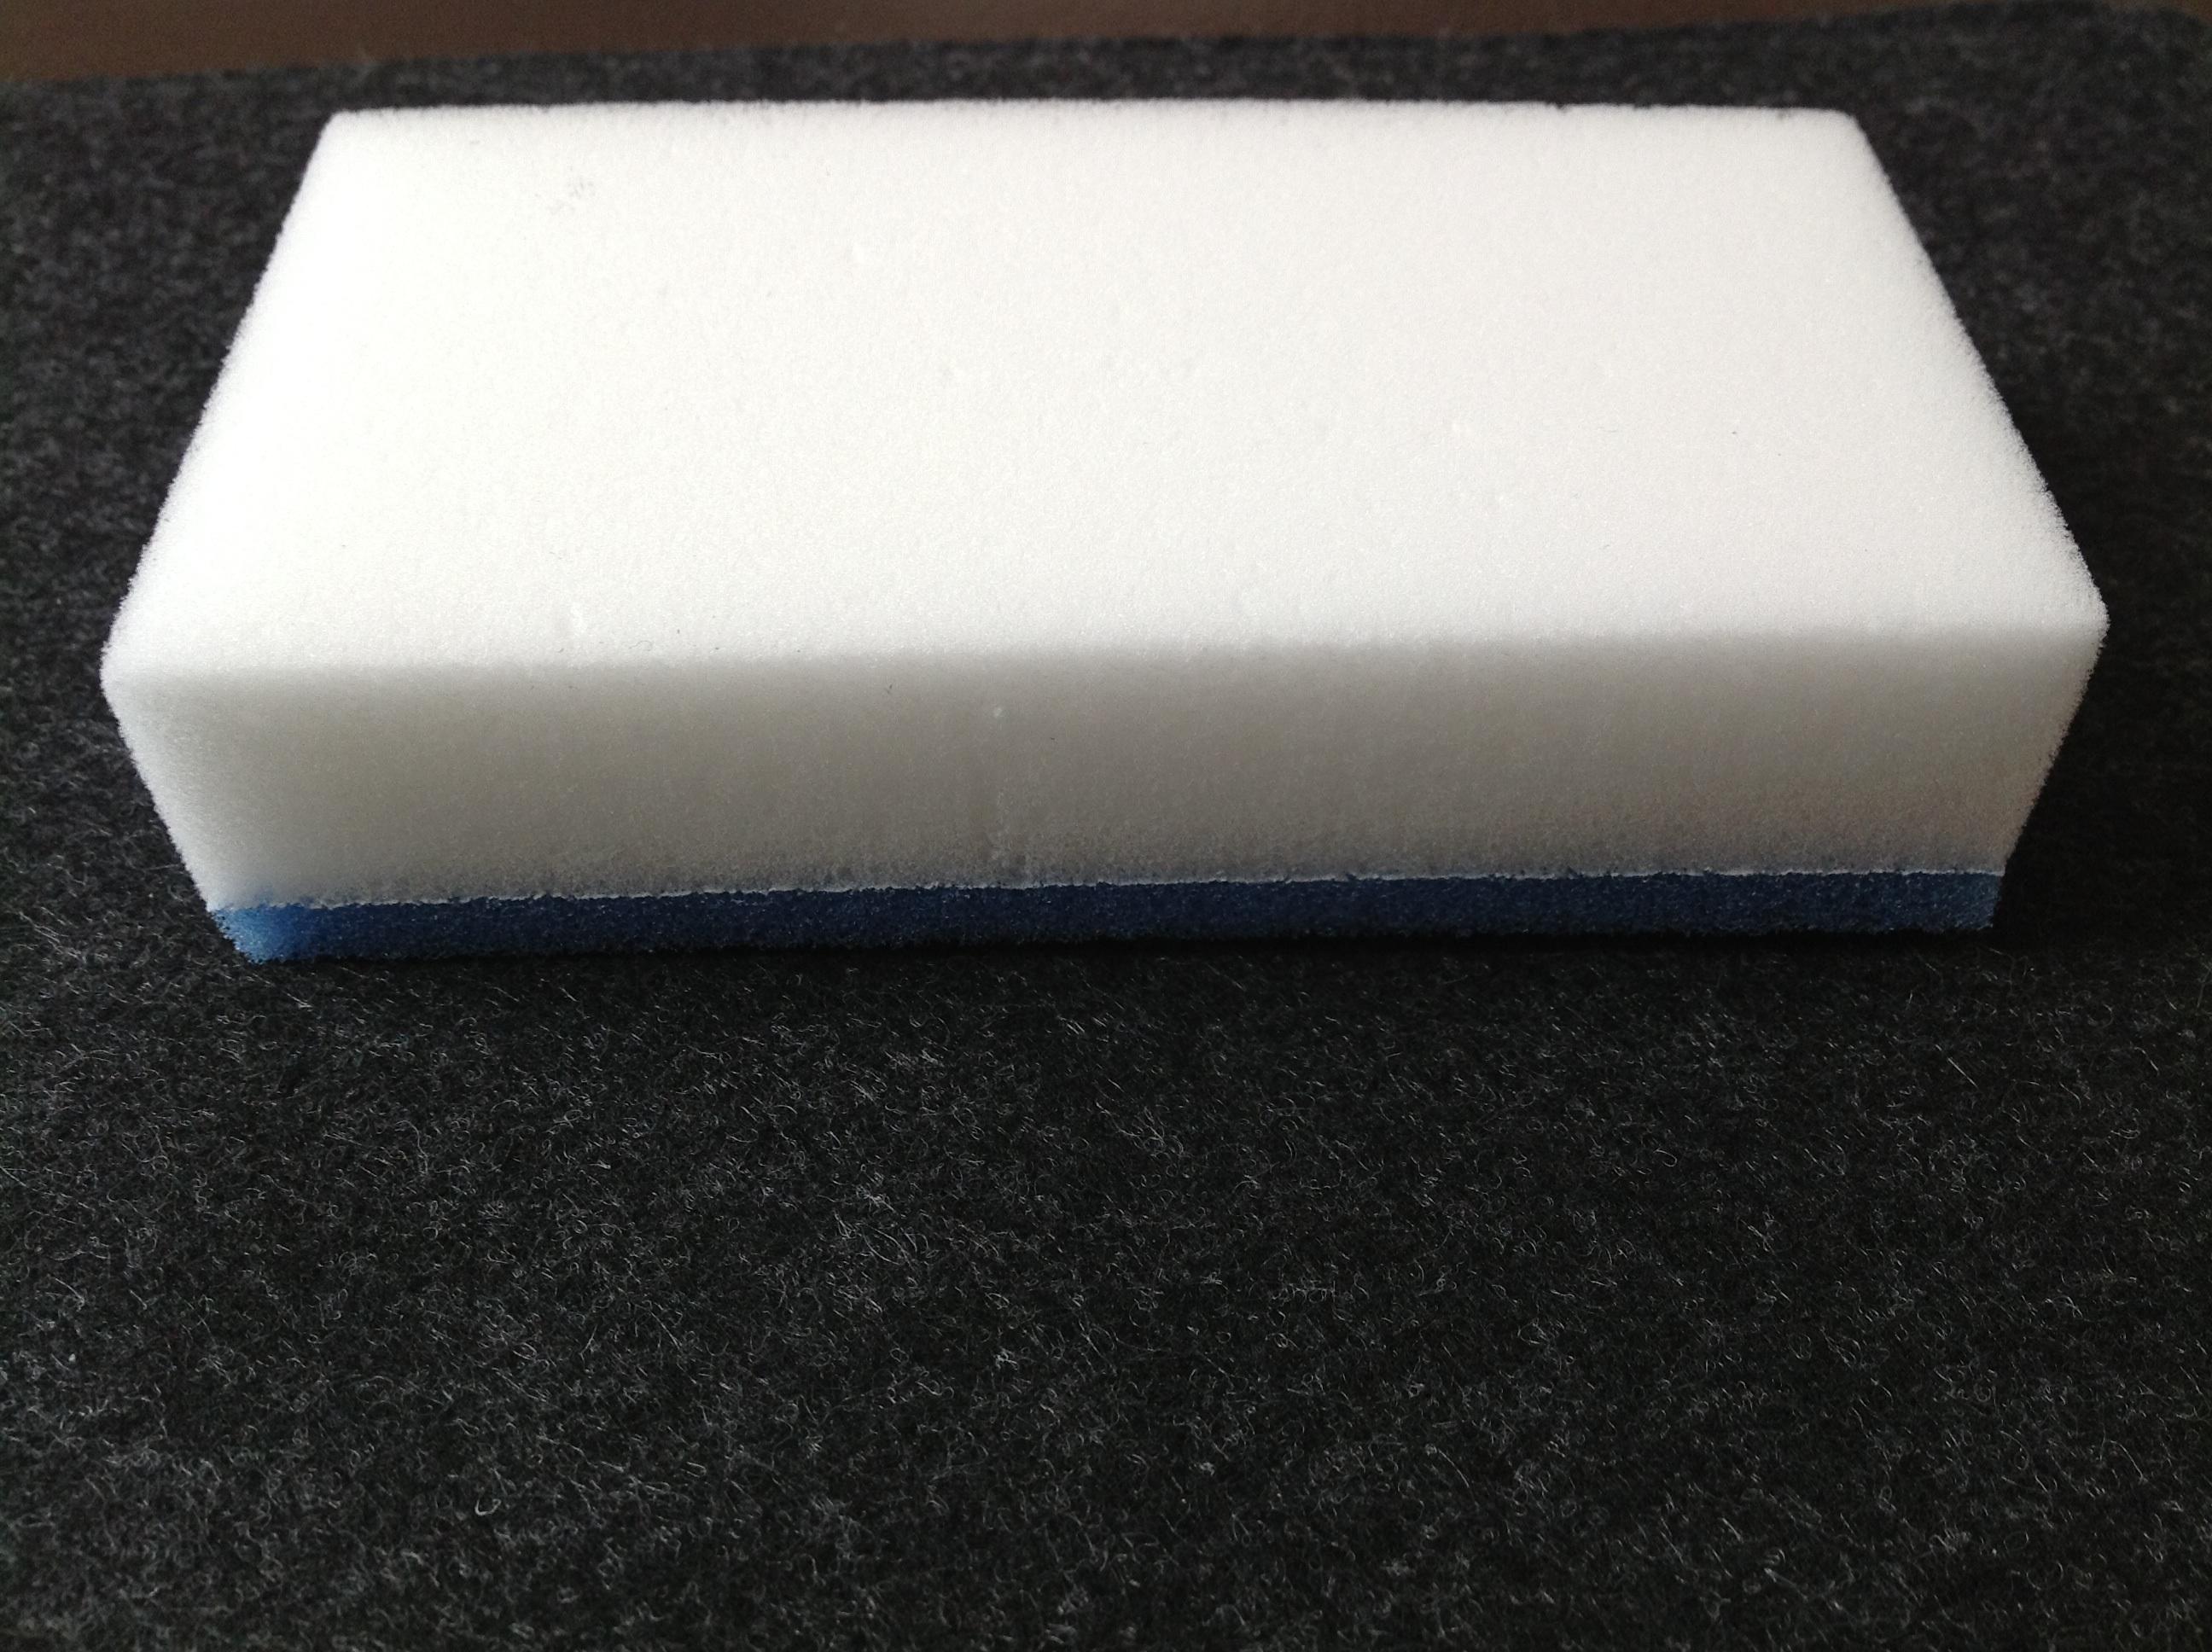 edf7445be3 Habosított PVC tábla a megfelelő dekoráláshoz - Click Center